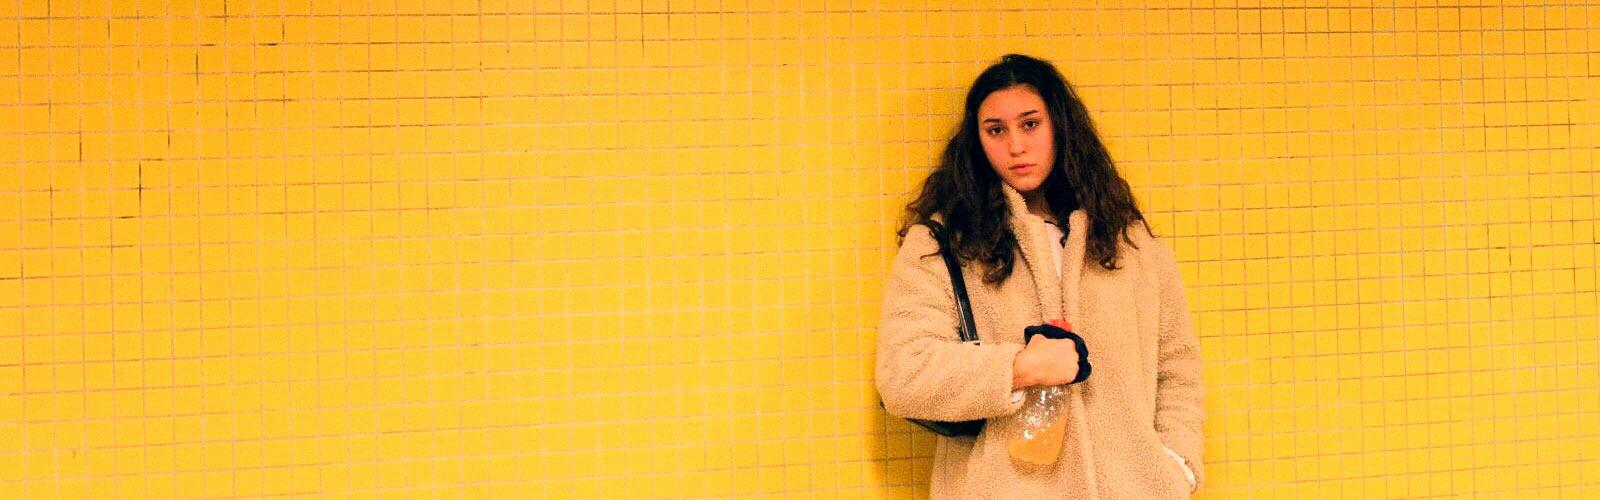 TEAMBRENNER Lichtblicke Schülerinterview Mathilda Sanchez